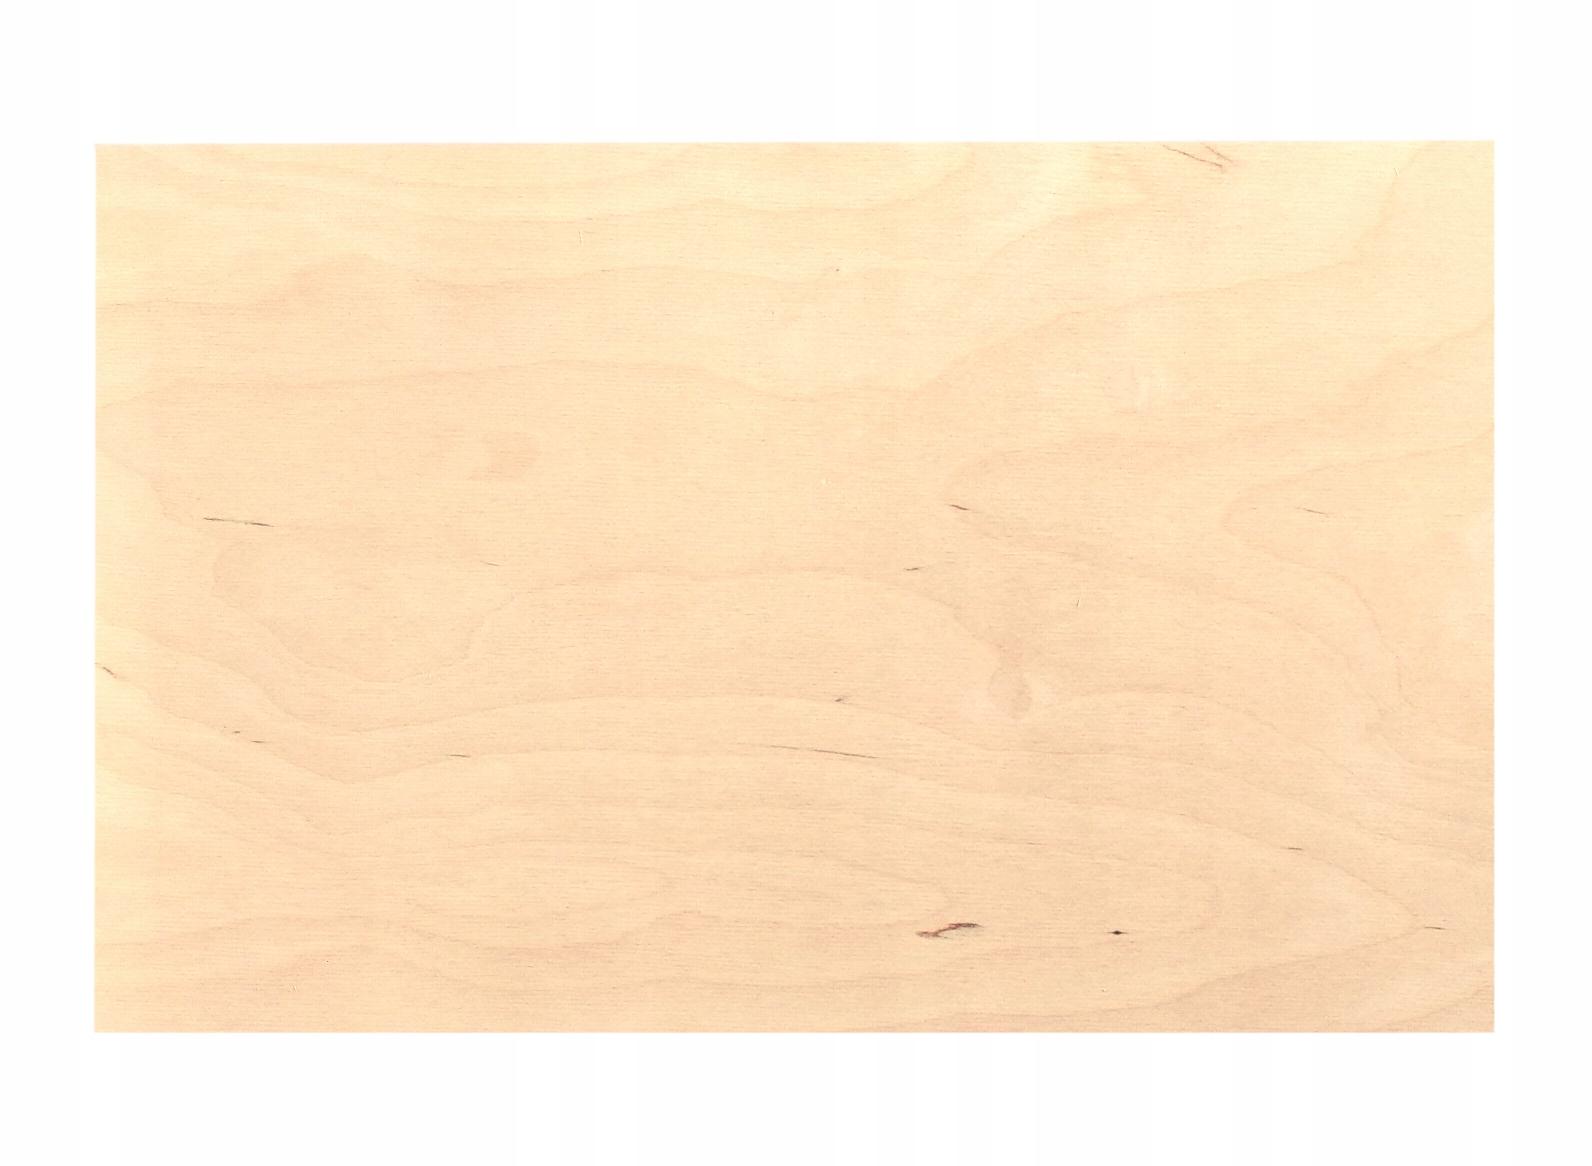 Фанера 3 ММ ФОРМА 30x50cm для ЛАЗЕРА с ЧПУ класс 2